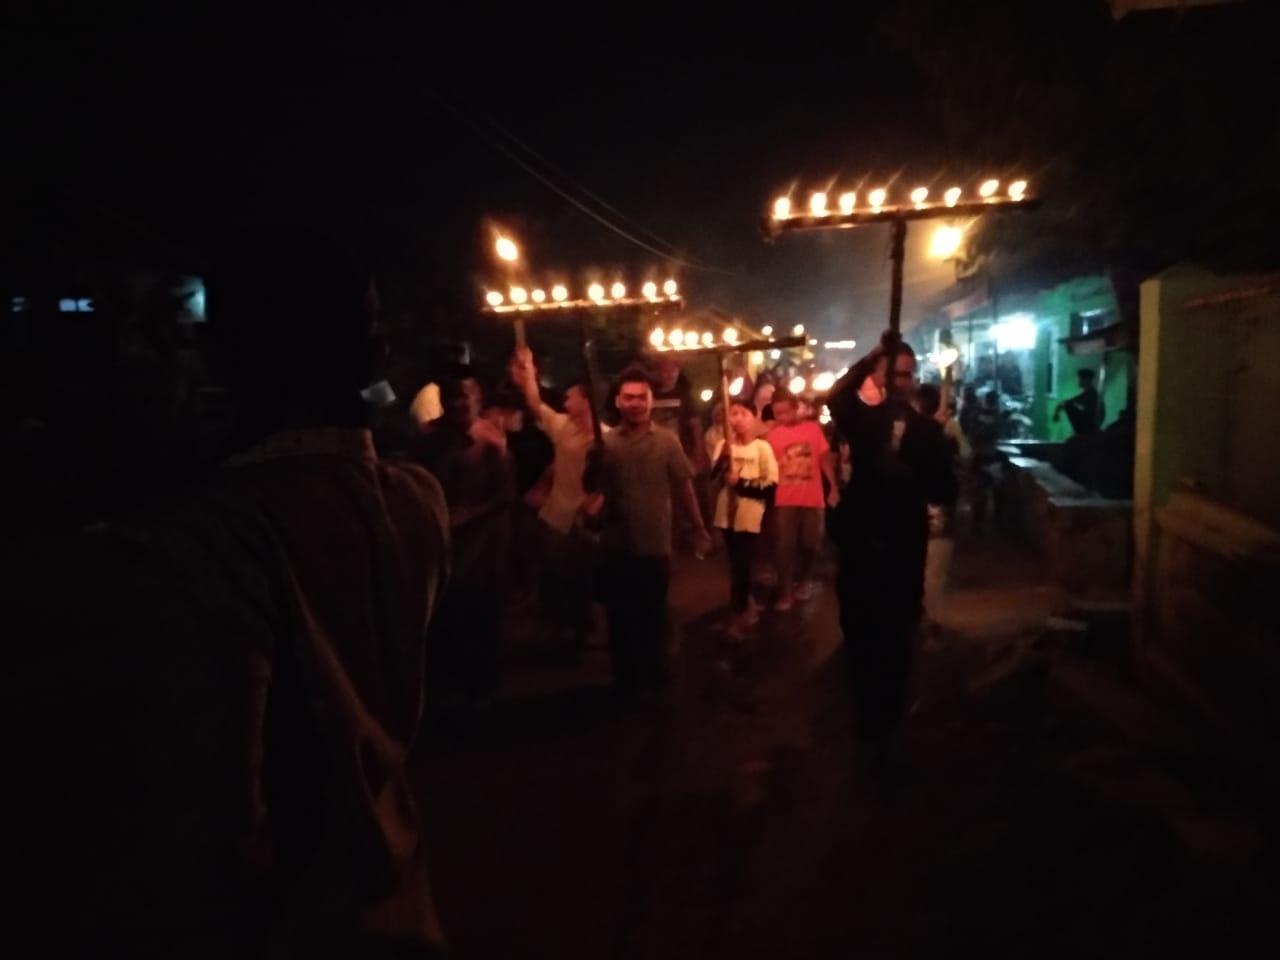 Remaja Blok Sladolor, Desa Bangodua, Kecamatan Klangenan, berjalan kaki mengadakan takbir keliling. Foto: Alwi